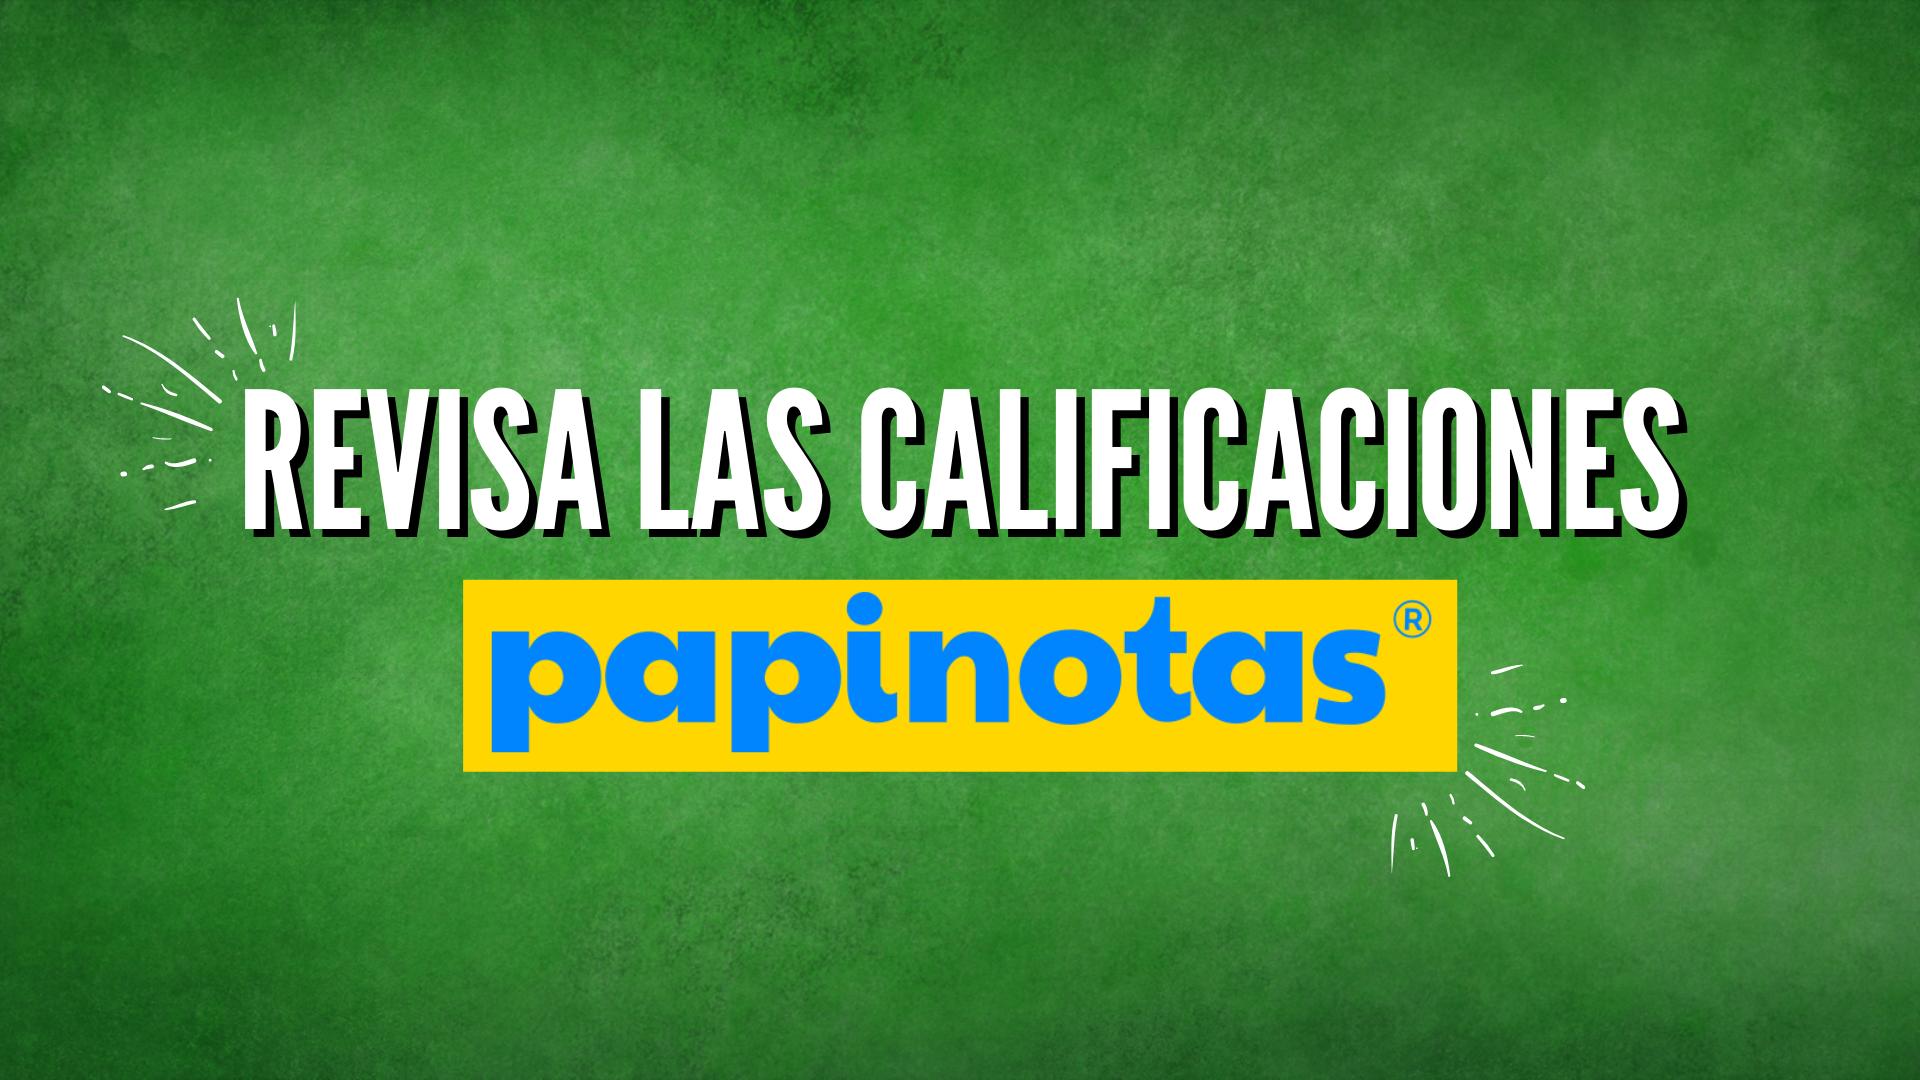 REVISA LAS CALIFICACIONES EN PAPINOTAS